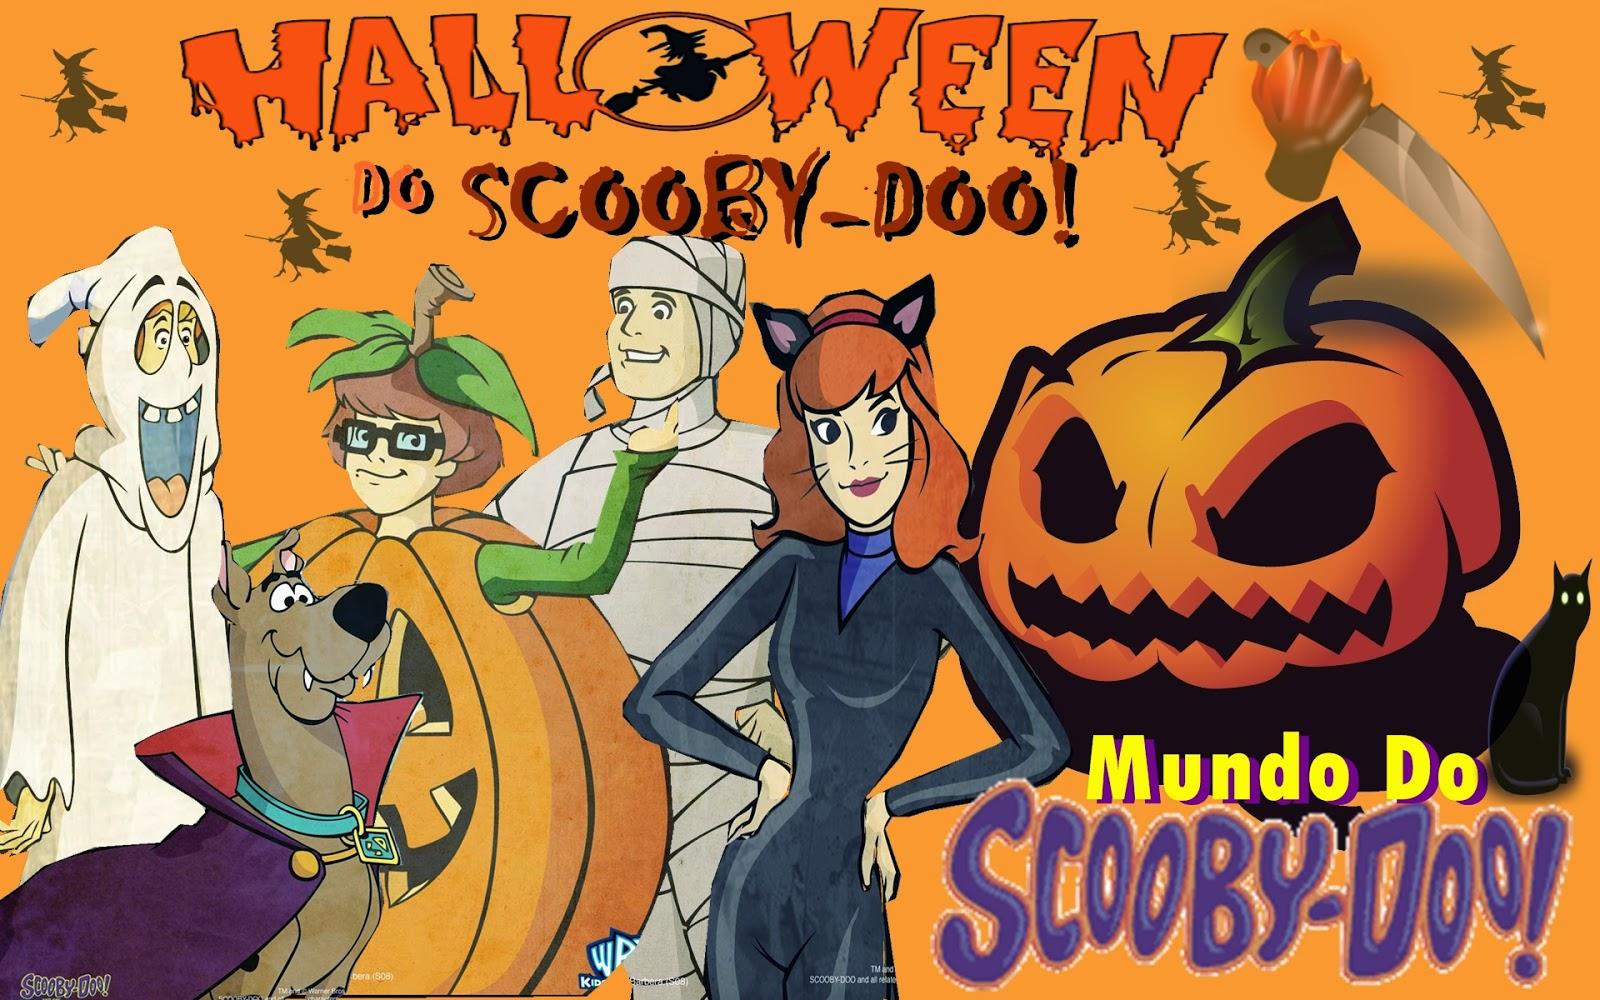 halloween do scooby-doo! parte 3 (fim) ~ mundo do scooby-doo